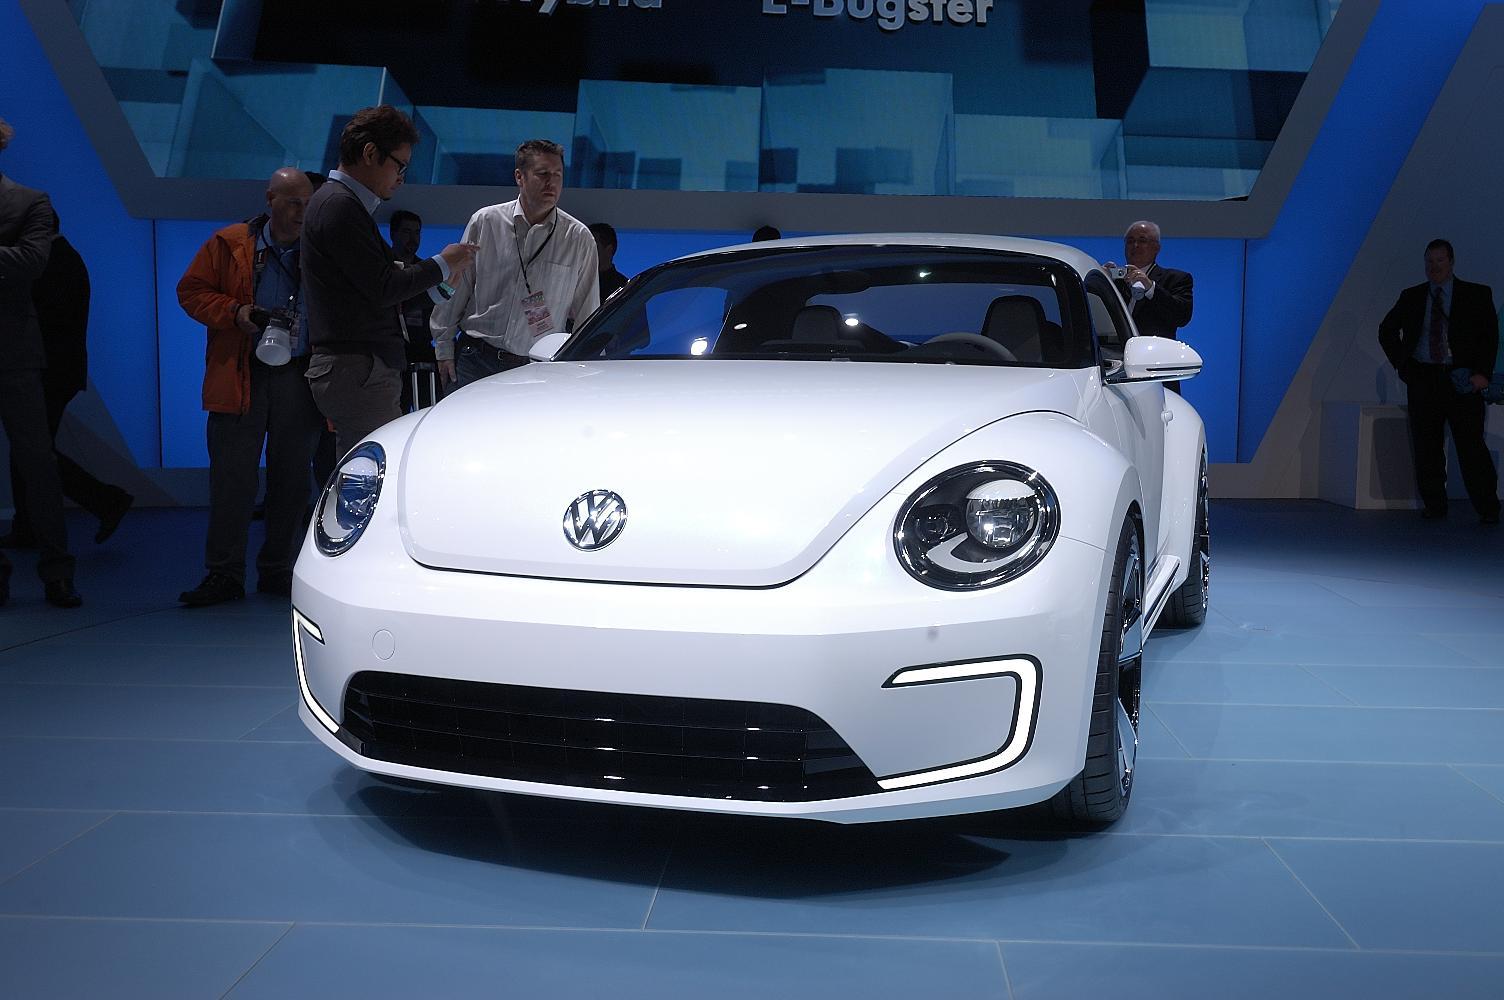 VW E-Bugster NAIAS 2012